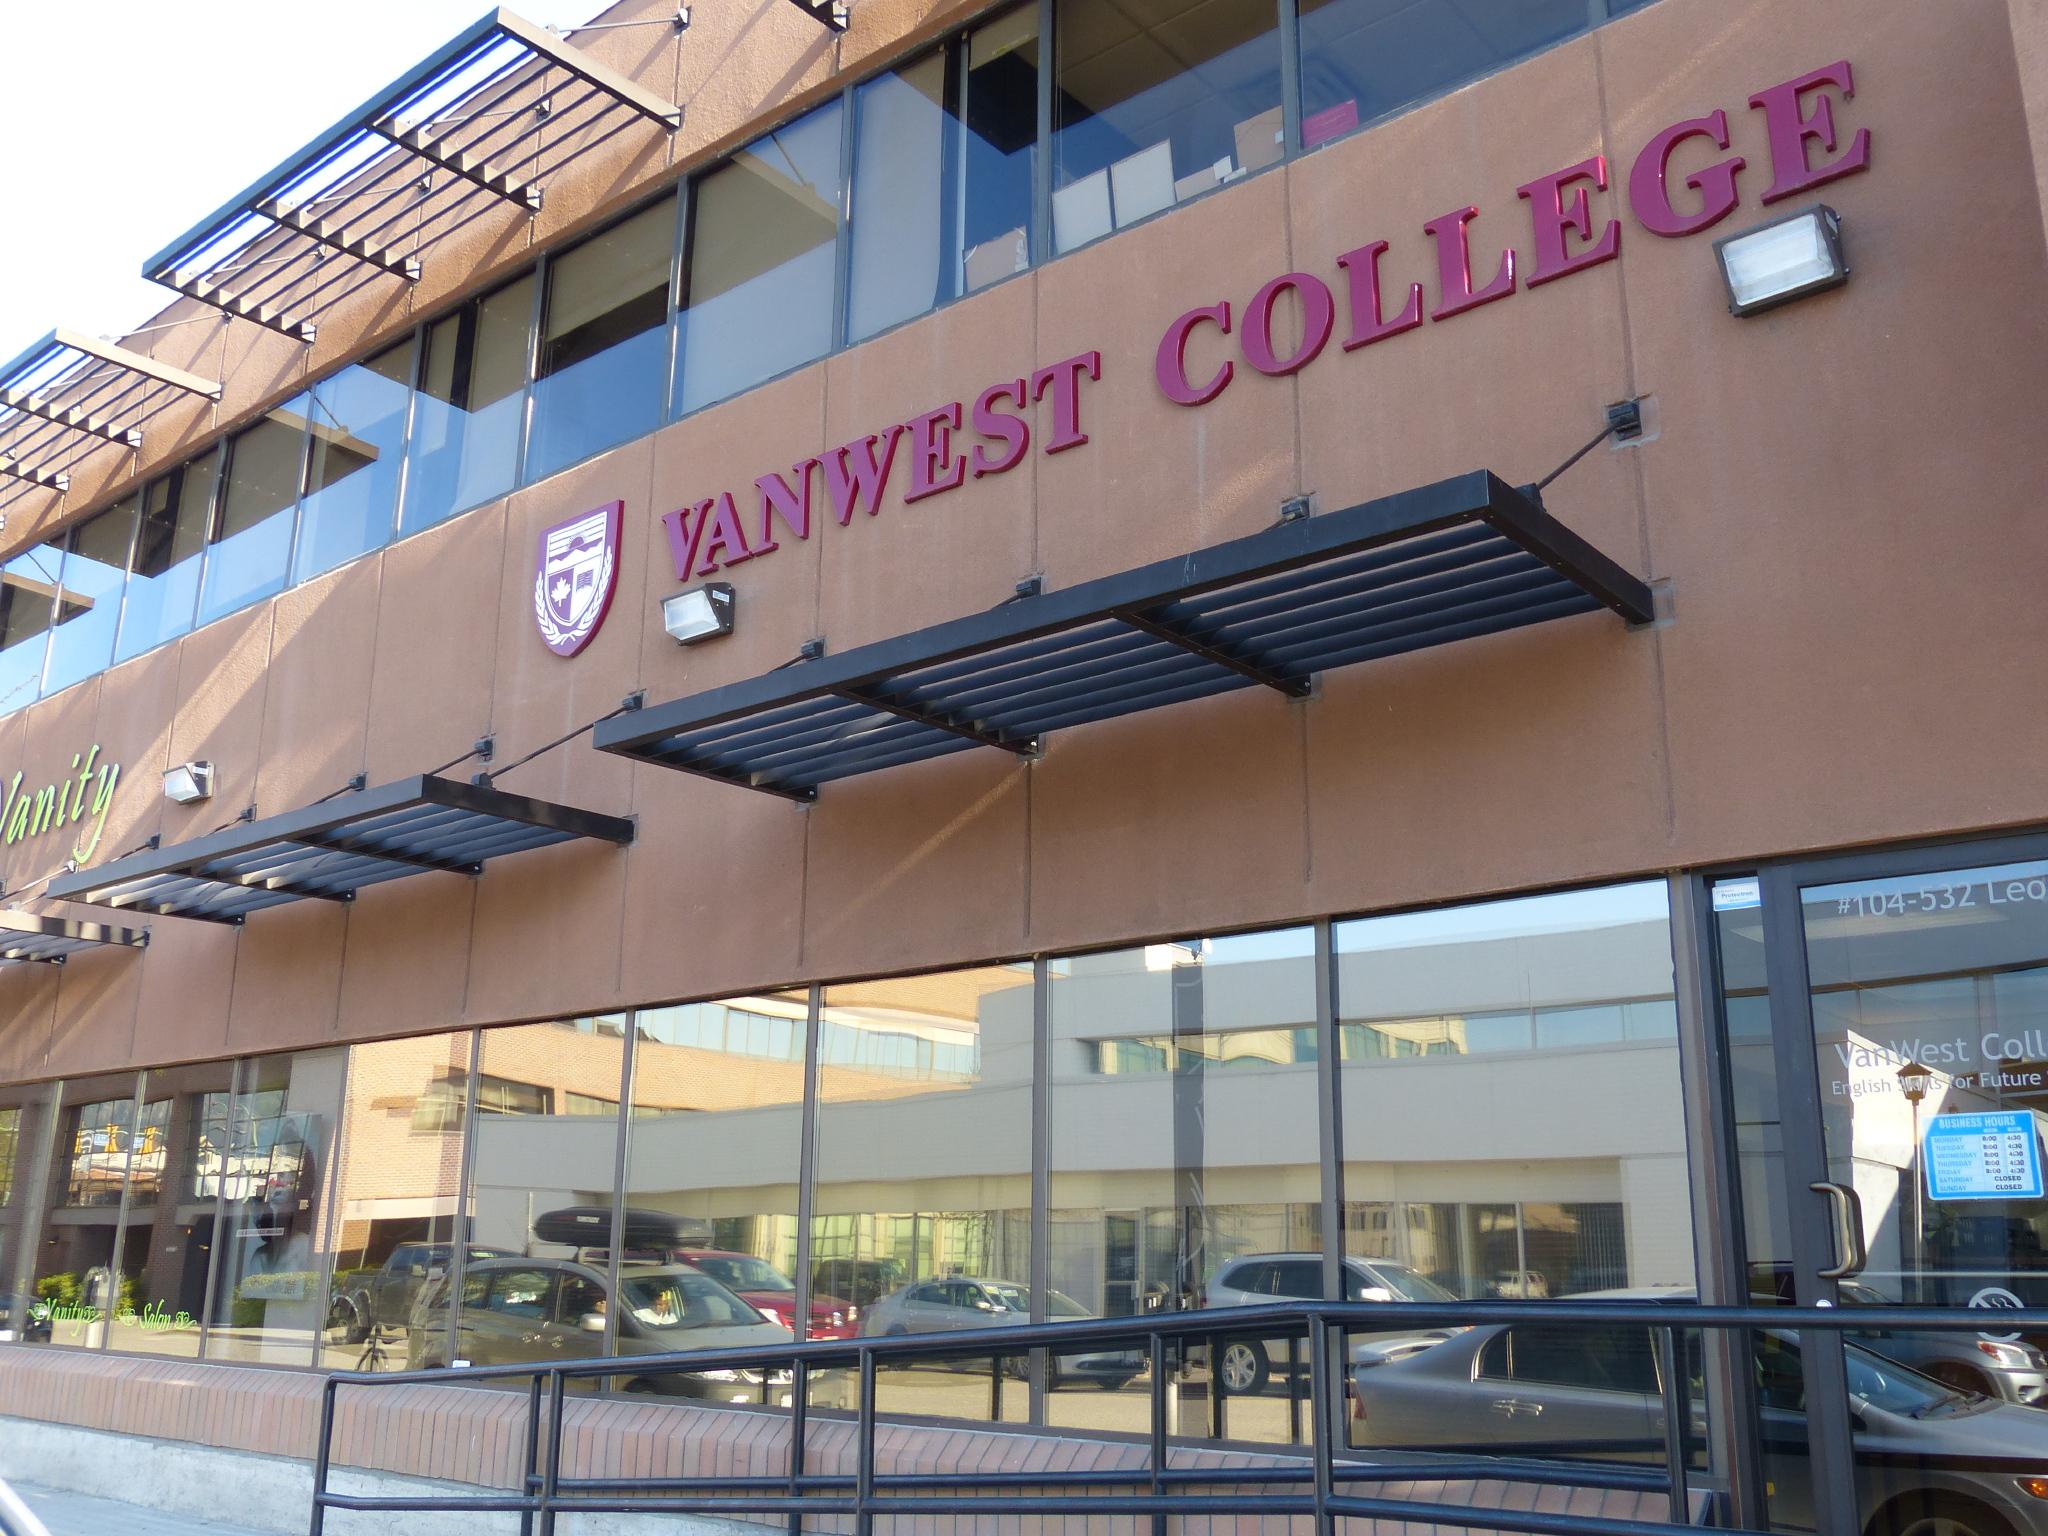 VanWest College Kelowna Campus